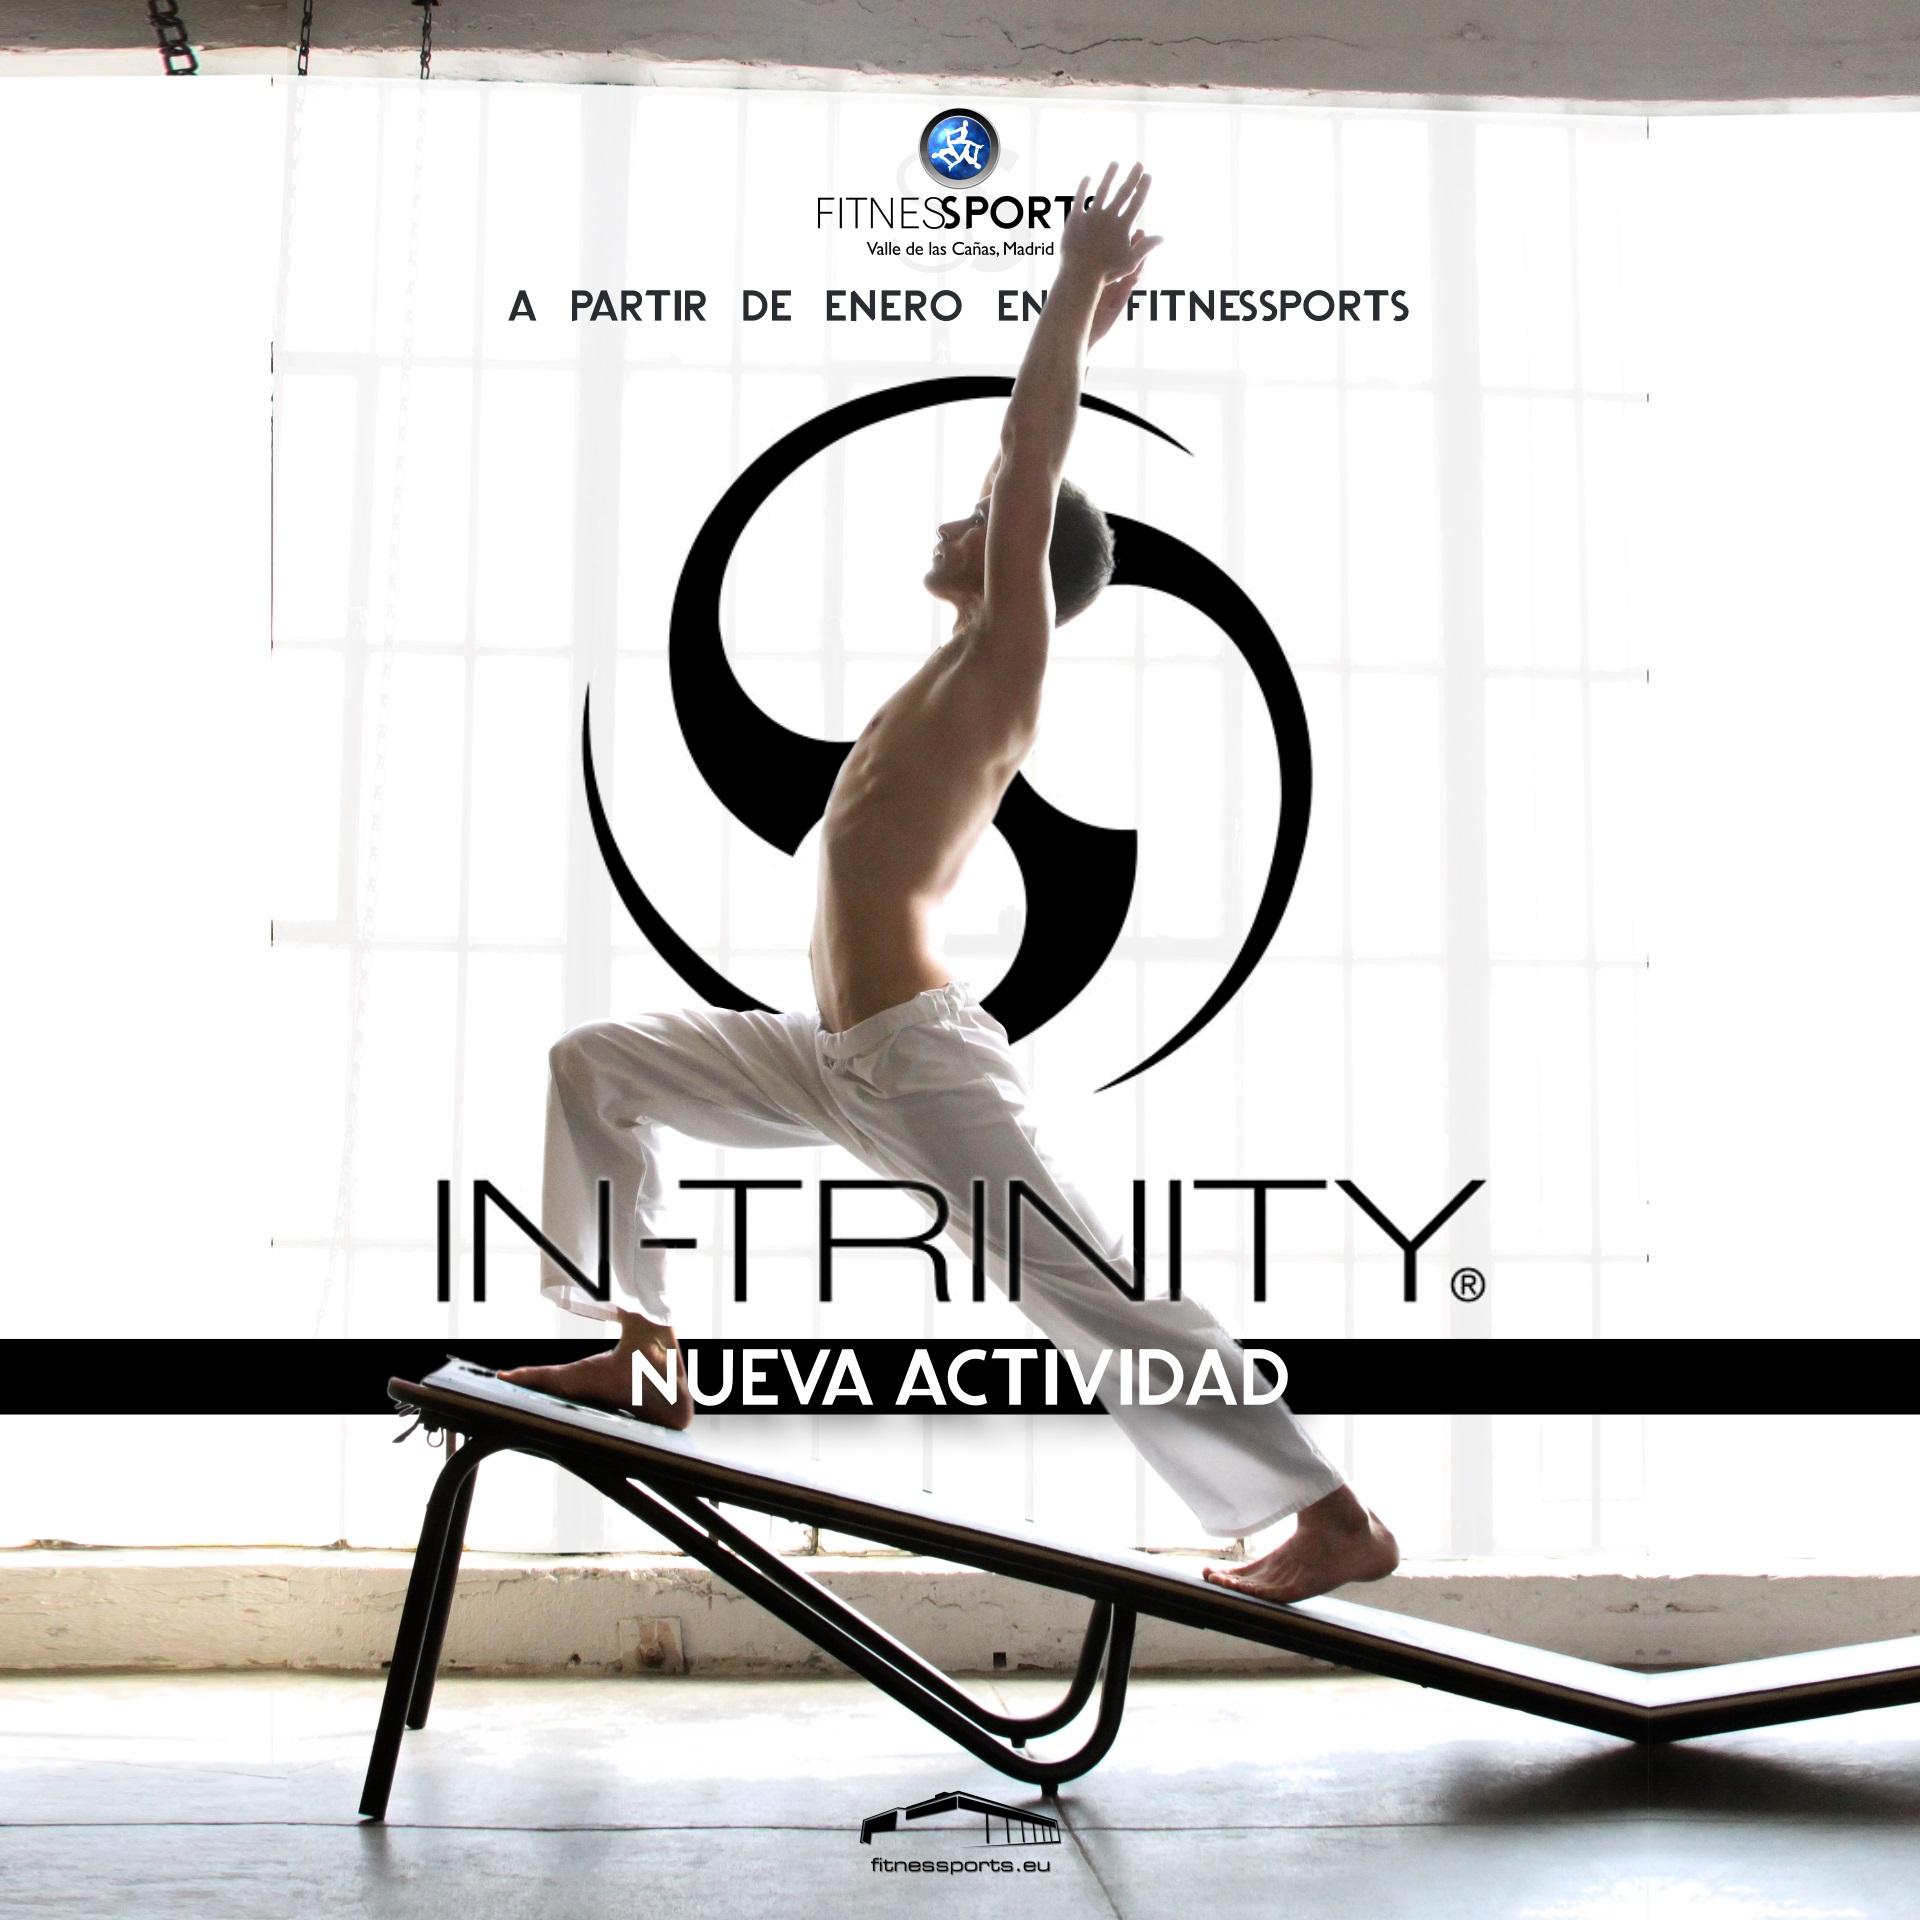 intrinity-matrix-fitness-sports-valle-canas-nueva-actividad-box